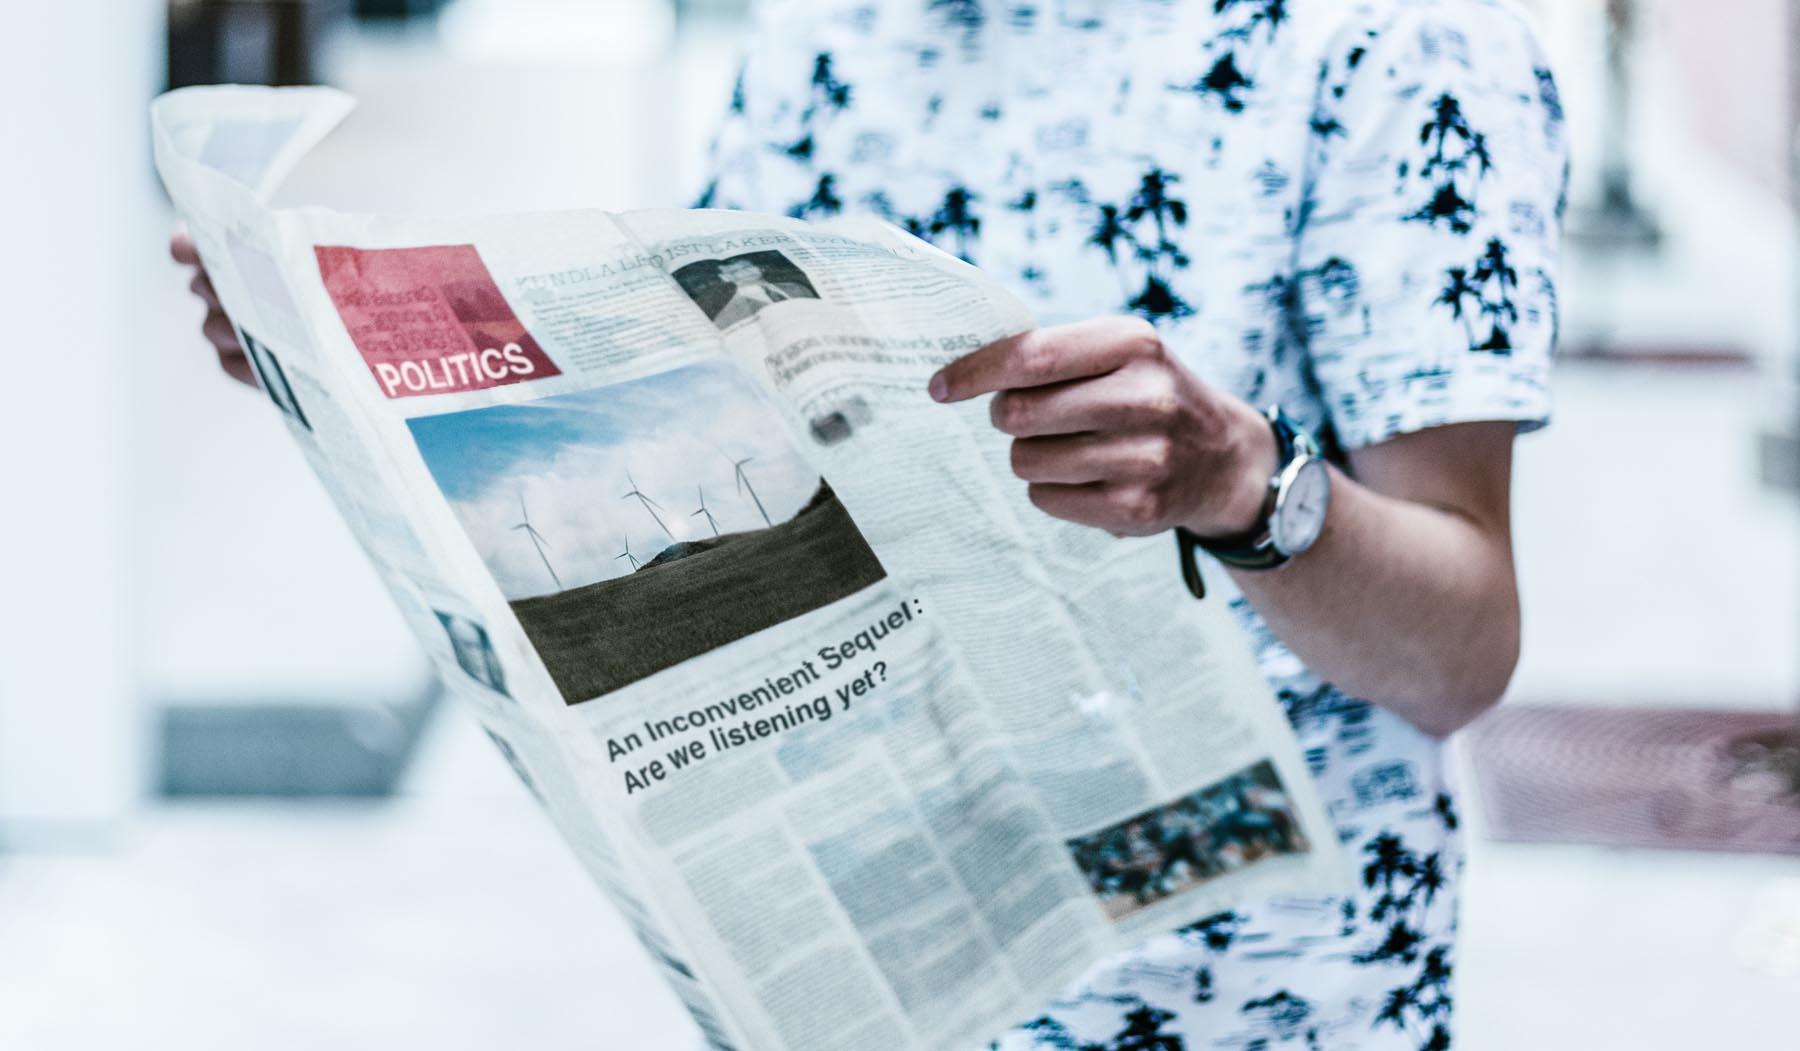 Các khoá học ngôn ngữ tiếng Phần Lan.